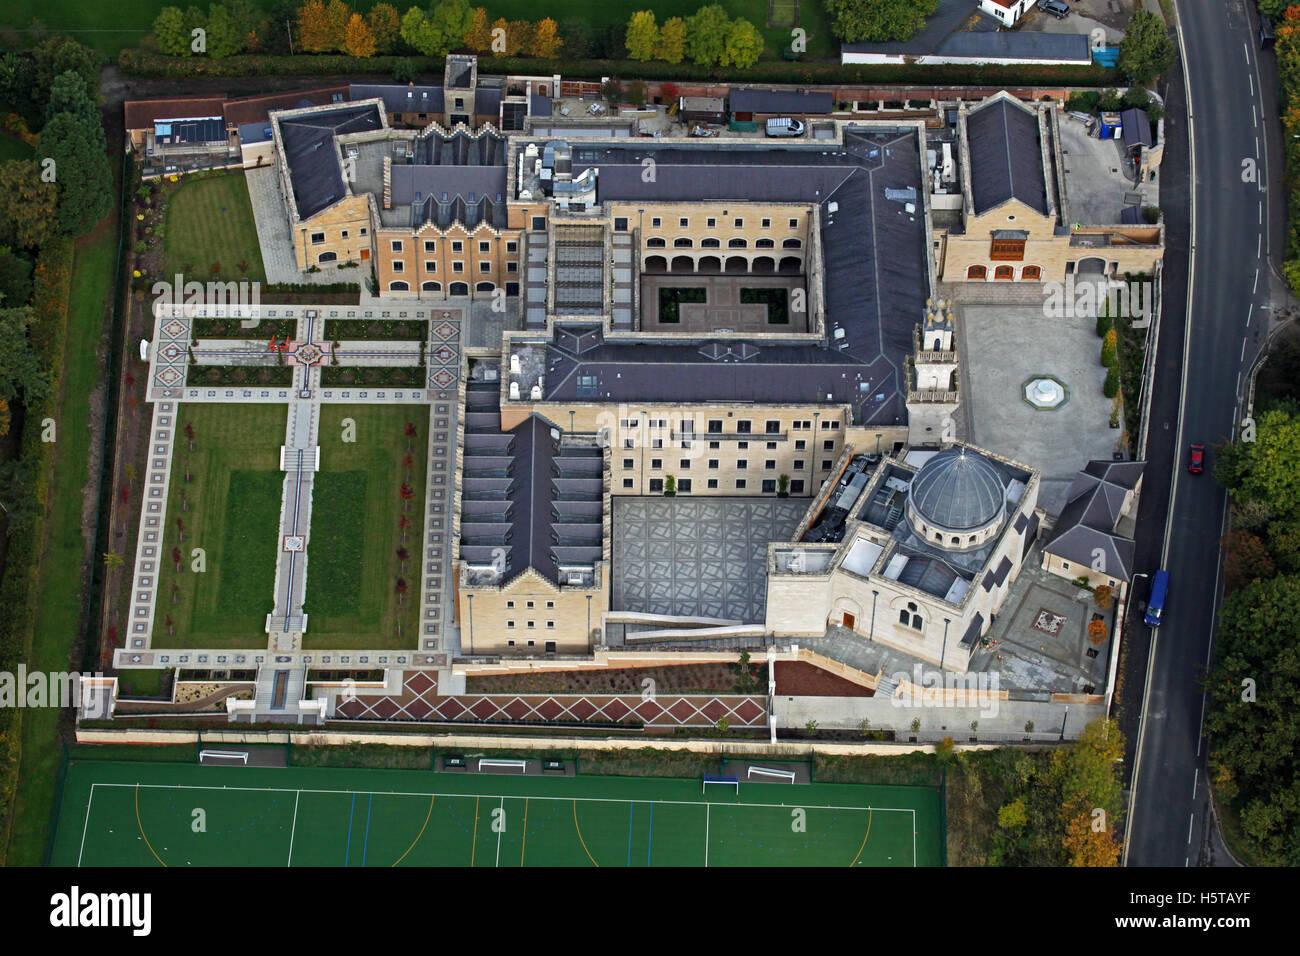 Vista aerea del centro di Oxford per gli studi islamici, REGNO UNITO Immagini Stock